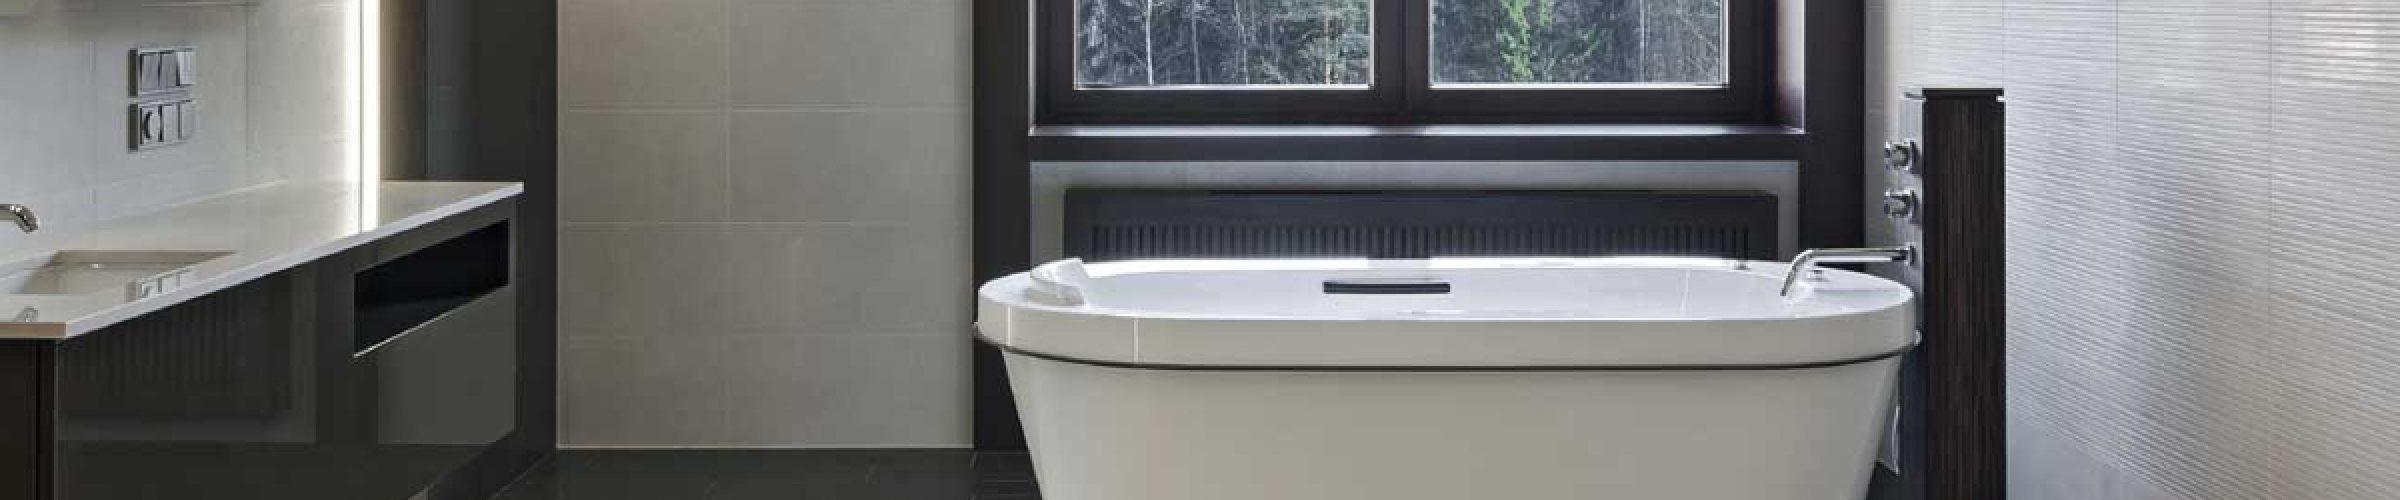 Badkamer dl interieur - Tot een badkamer ...